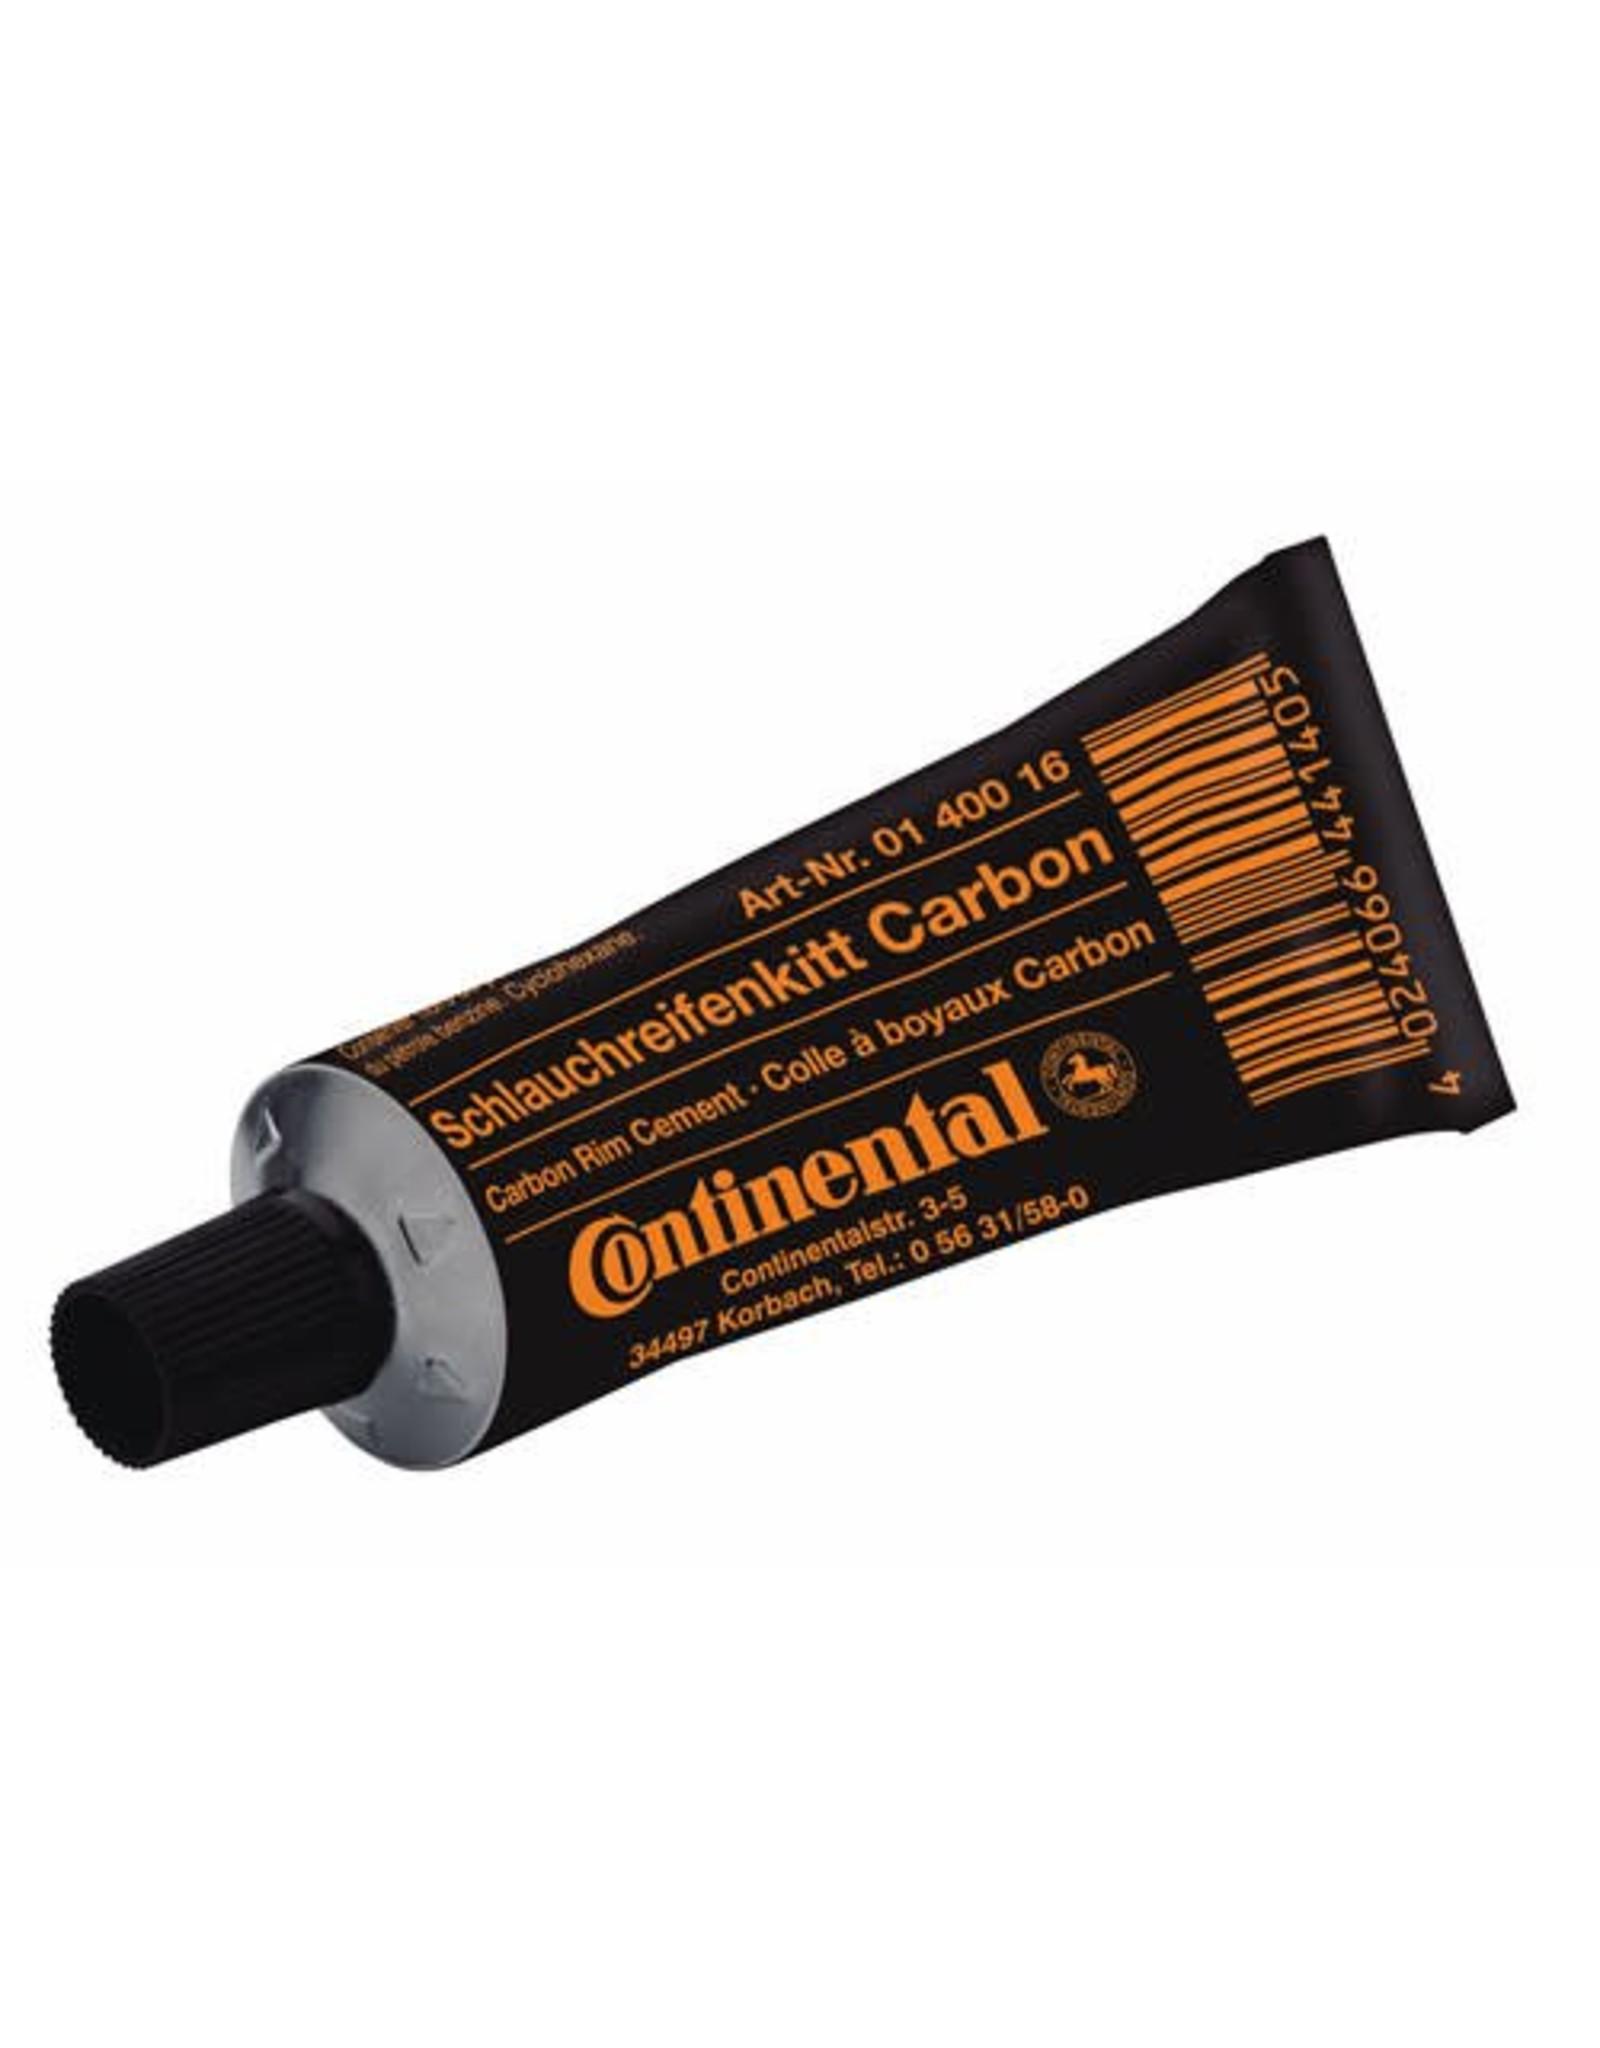 CONTINENTAL Conti Rim Cement for Carbon Rim - 25g - Single